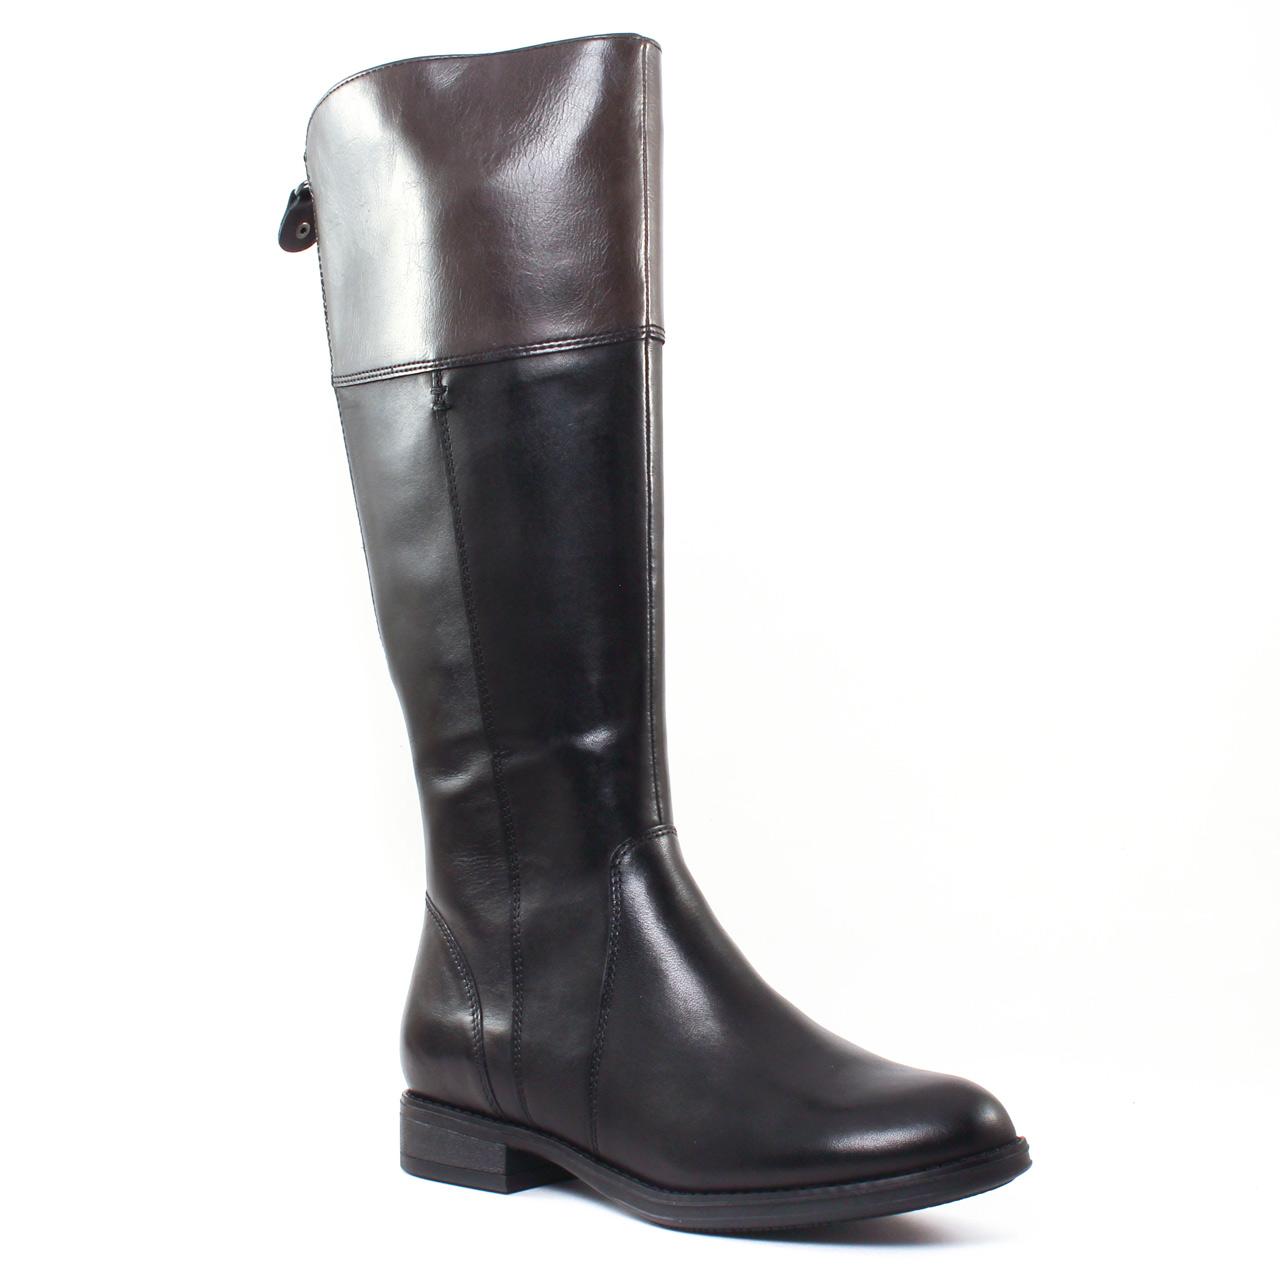 tamaris 25530 black botte cavali res gris noir automne hiver chez trois par 3. Black Bedroom Furniture Sets. Home Design Ideas